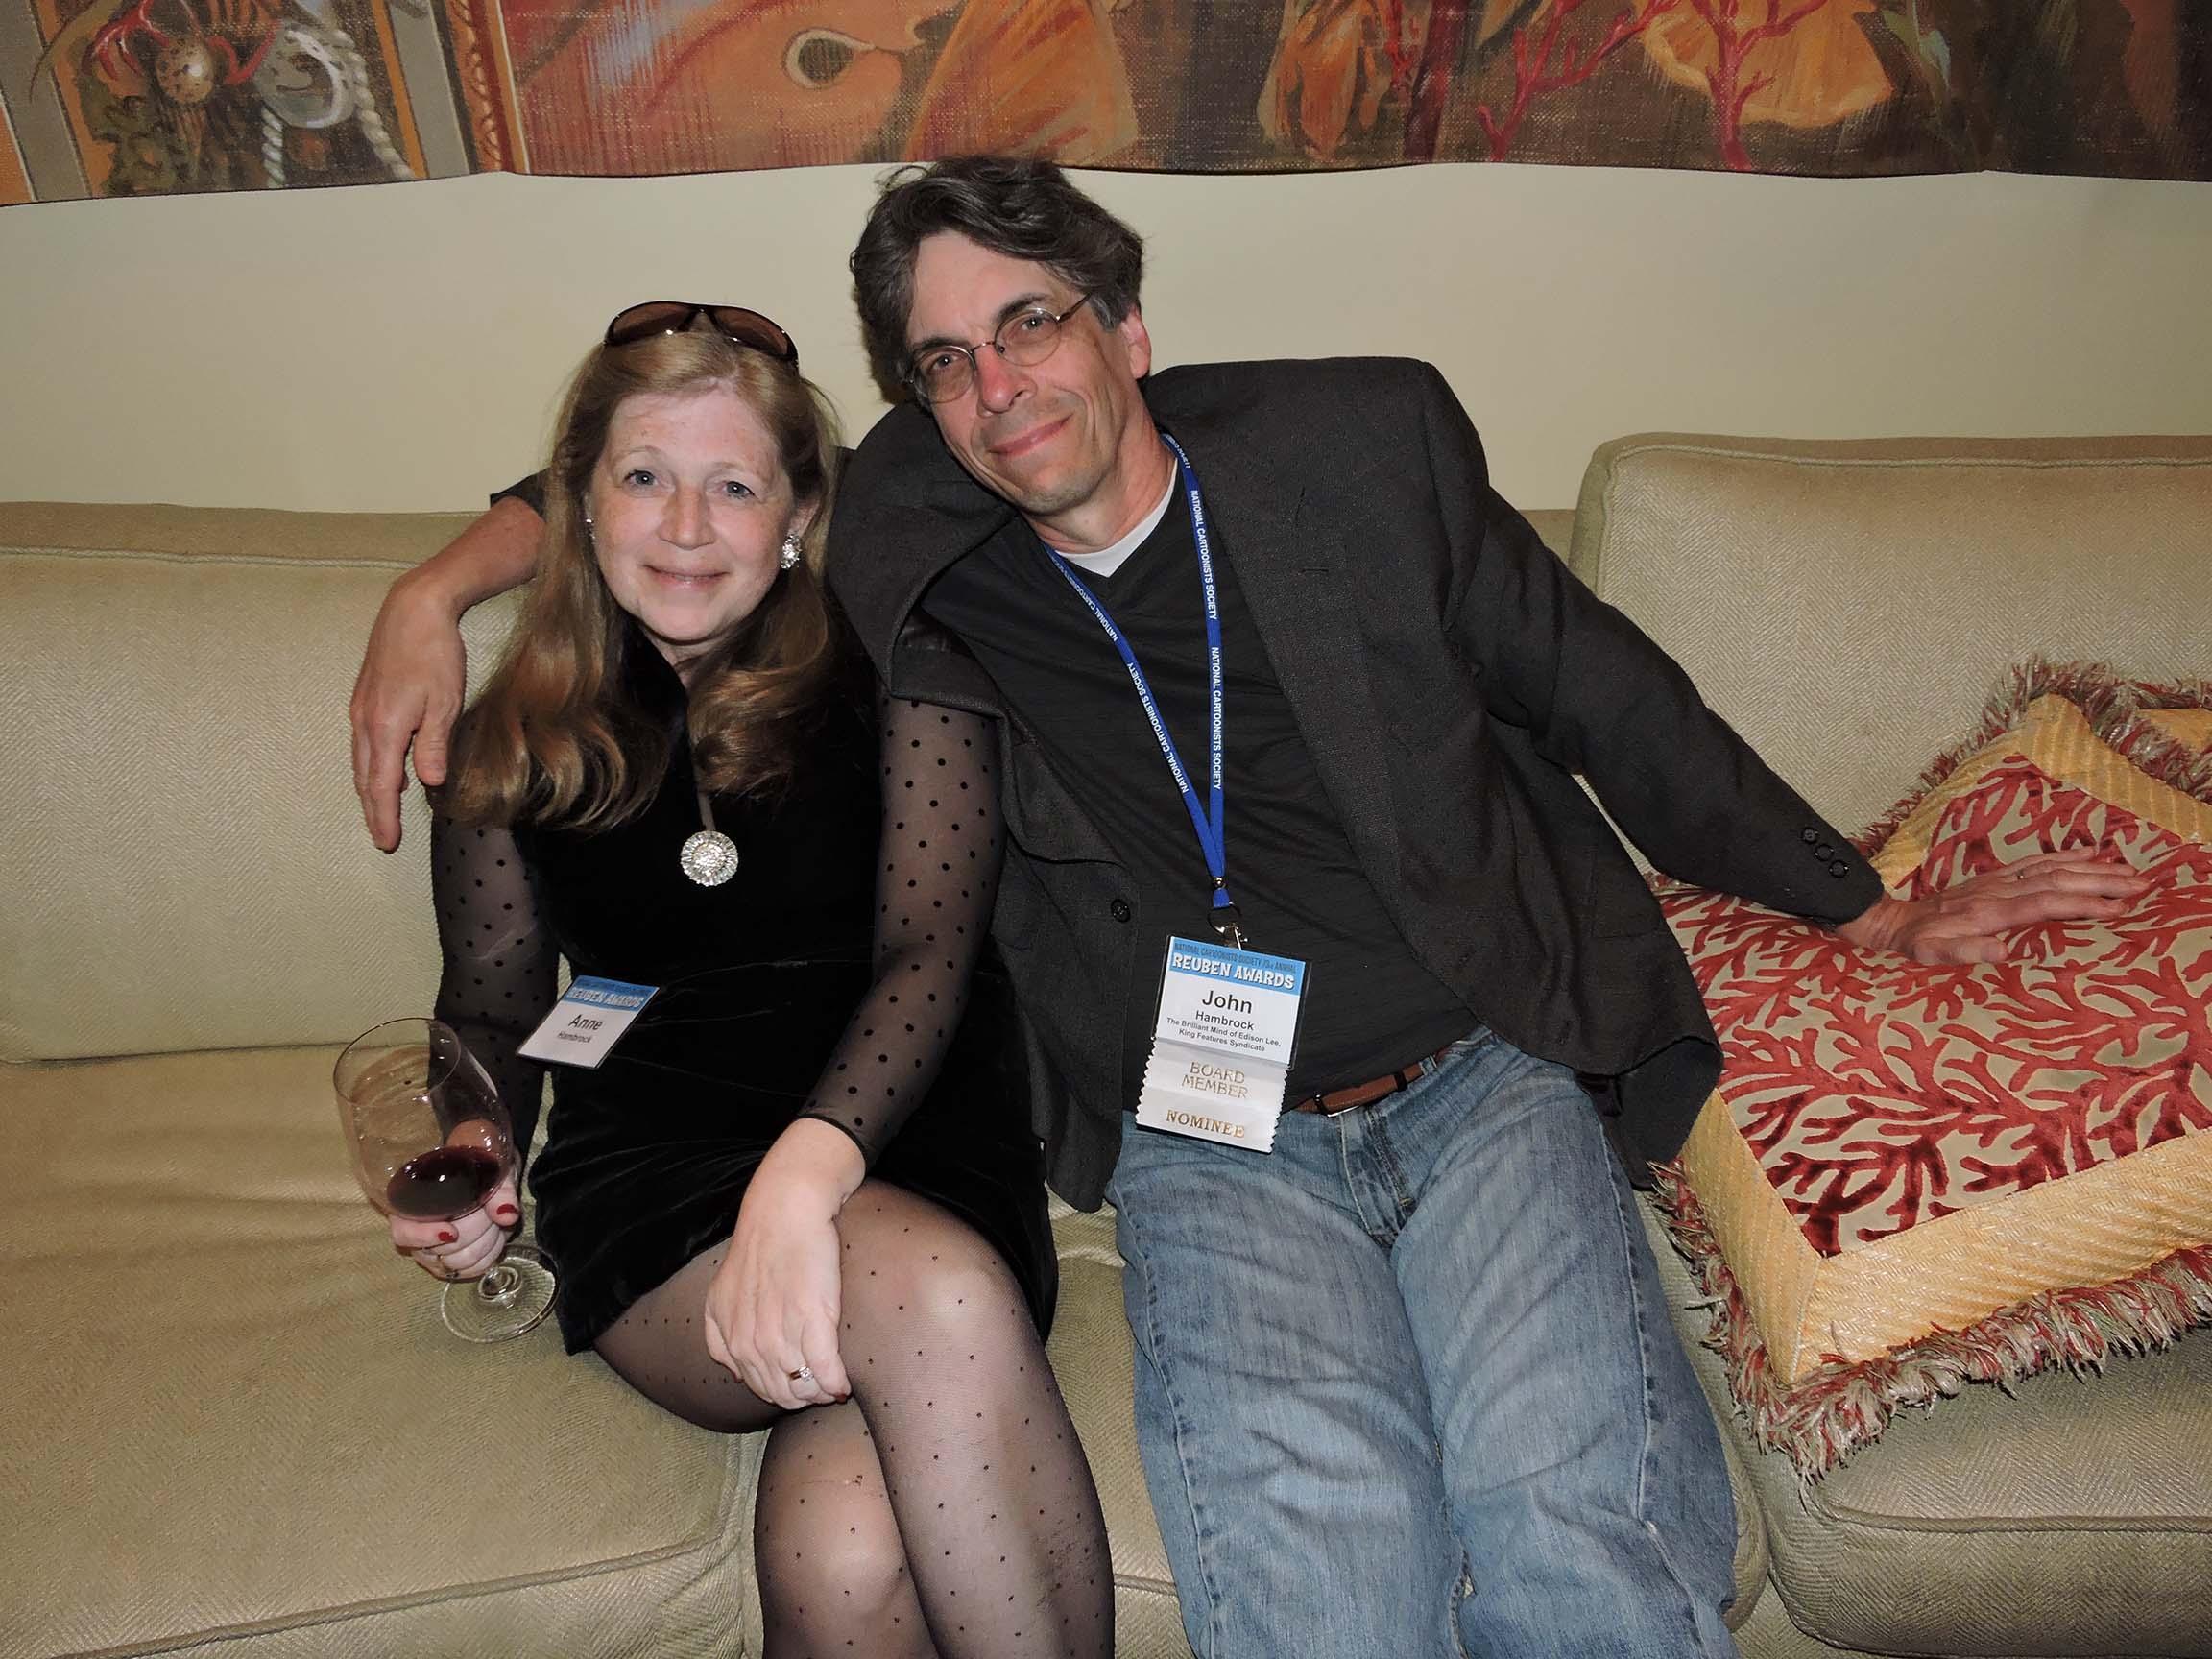 Anne Morse Hambrock and John Hambrock